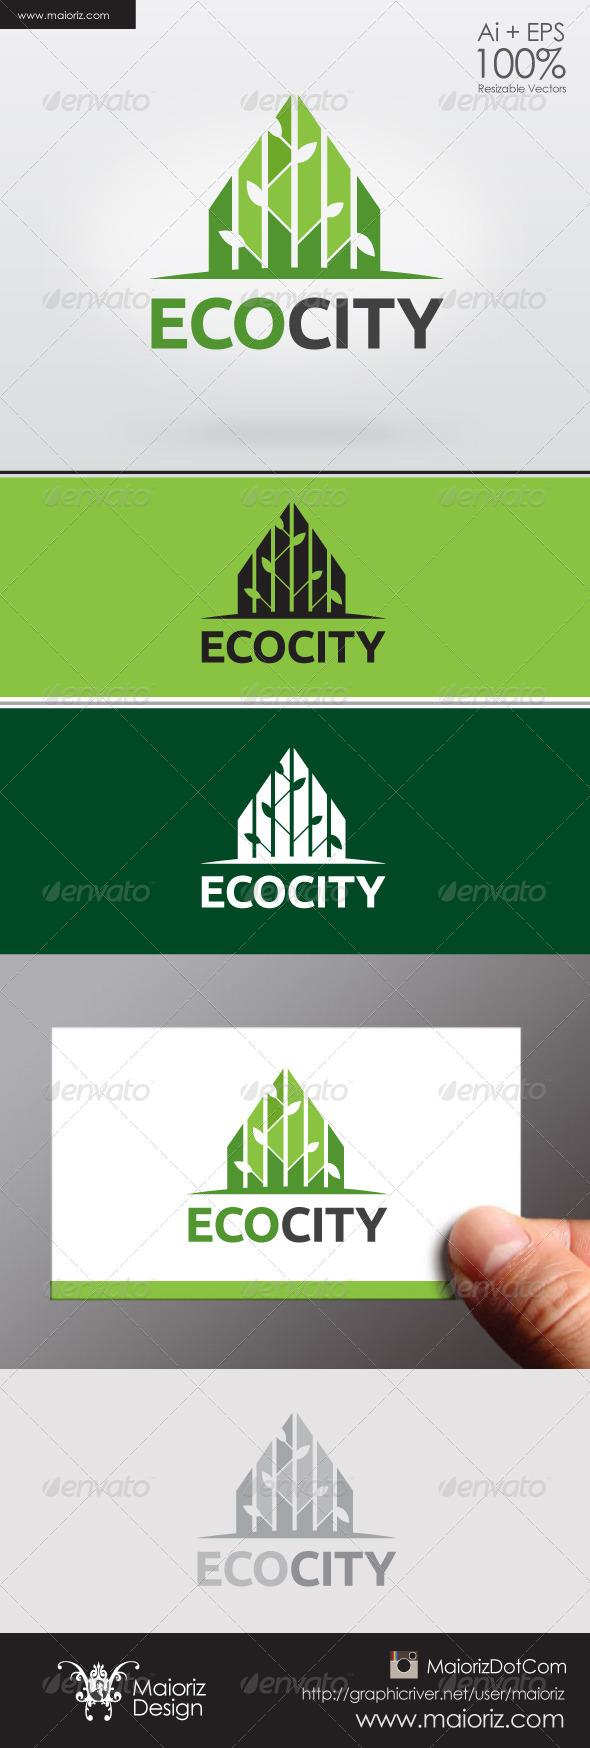 GraphicRiver Eco City Logo 6336248